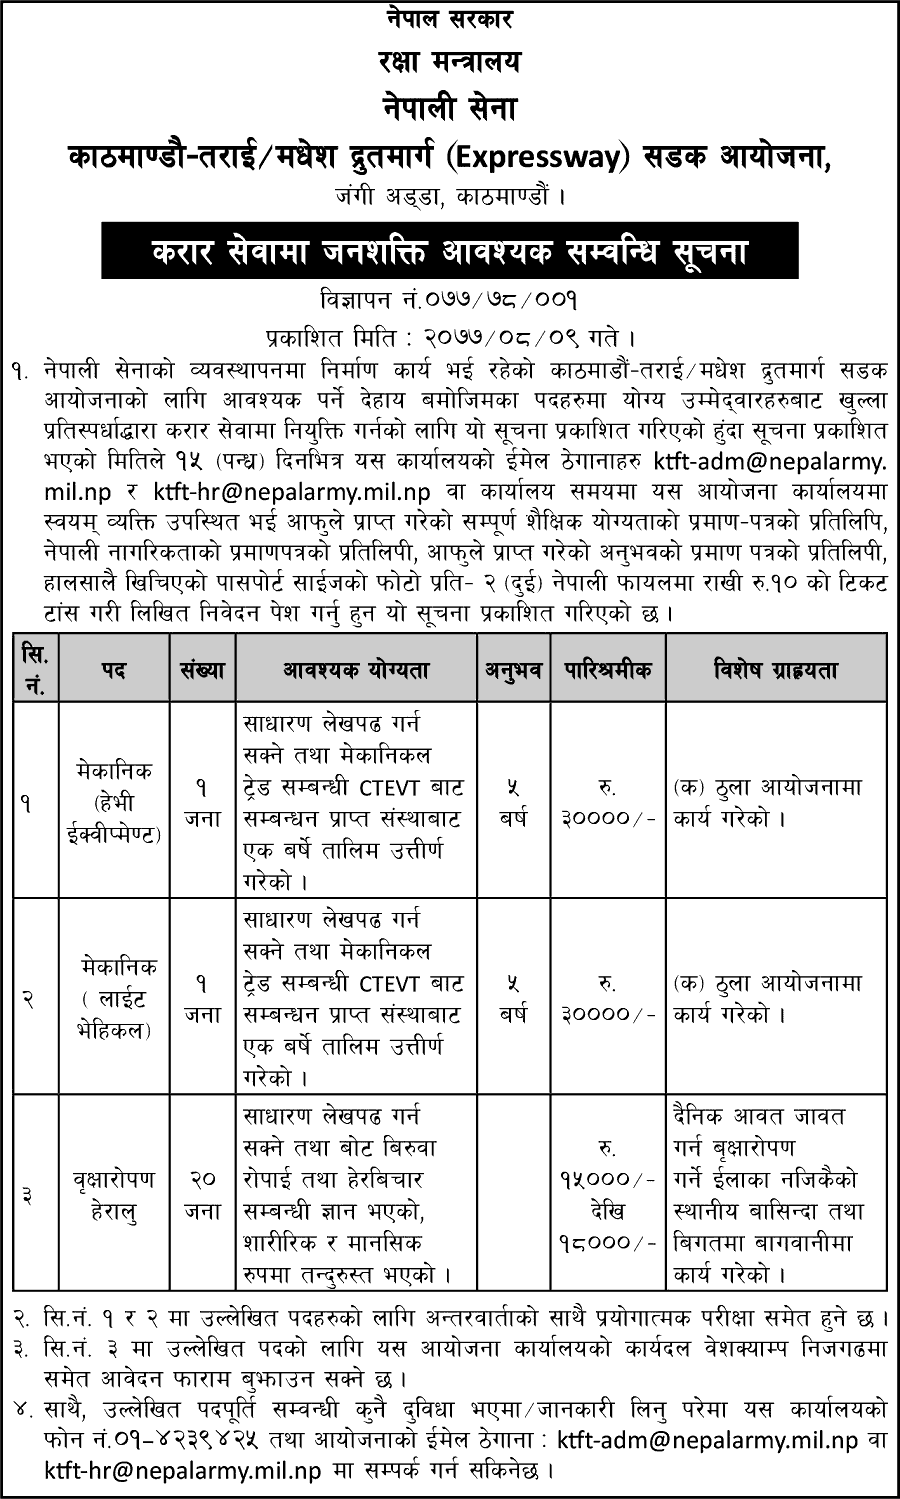 Kathmandu-Terai  Madhesh Expressway Road Project Vacancy Announcement